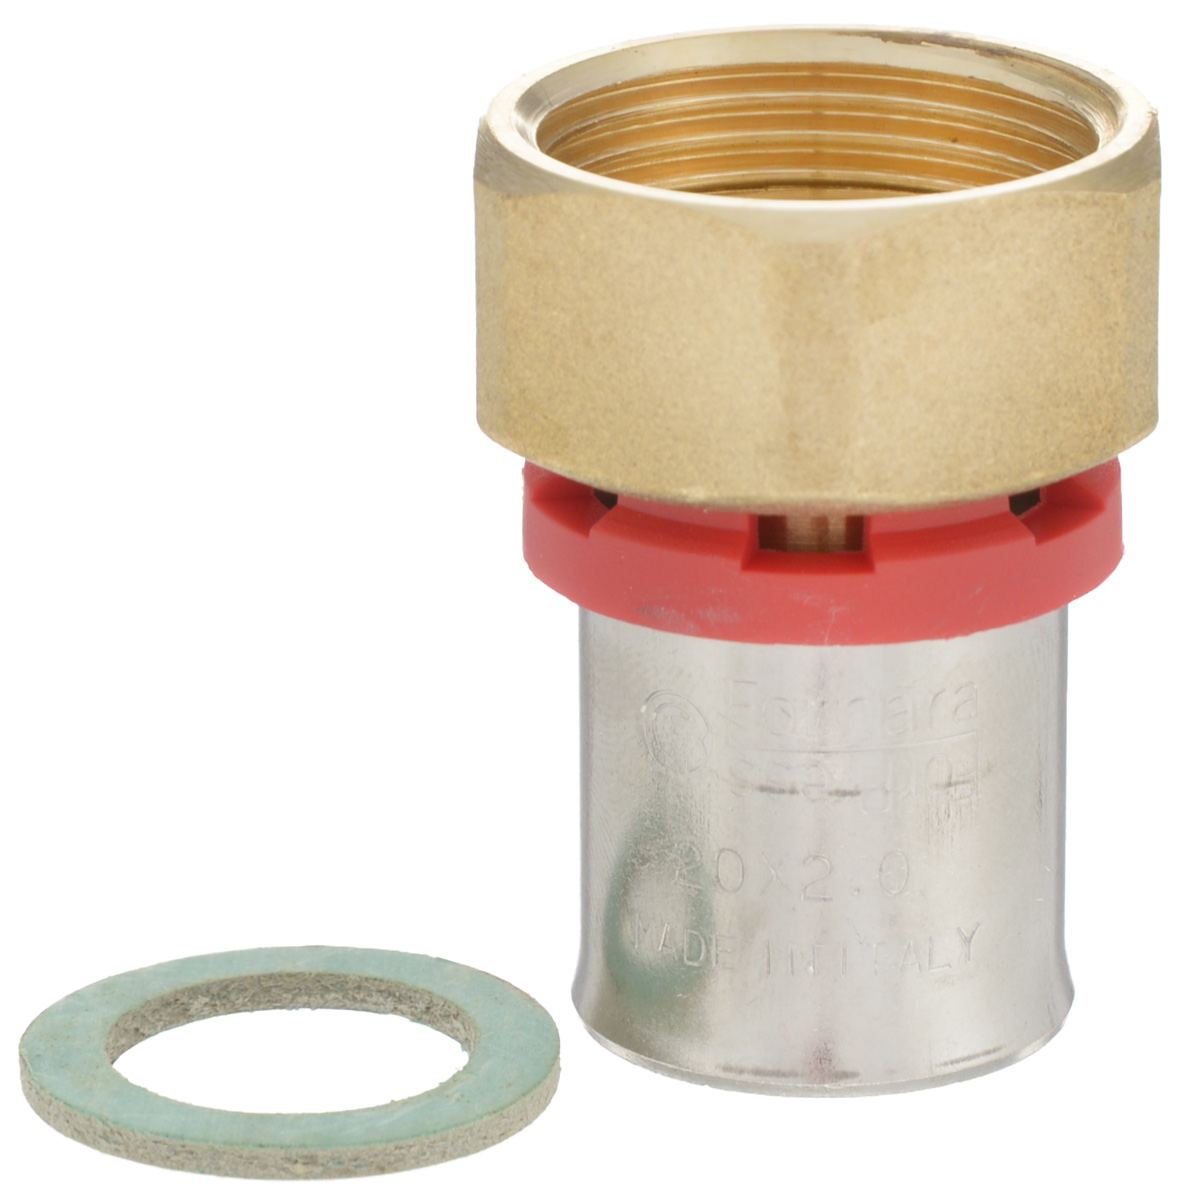 Соединитель Fornara, под пресс, п - нг, 20 x 3/4VBA390K008Соединитель под пресс Fornara представляет собой элемент трубопровода, обеспечивающий соединение труб из разных материалов с компонентами системы. Изделие имеет переход на наружную резьбу, прочный, долговечный корпус из никелированной горячепрессованной латуни. Благодаря специальным насечкам уплотнительный материал соединителя хорошо удерживается при монтаже трубопроводной системы.